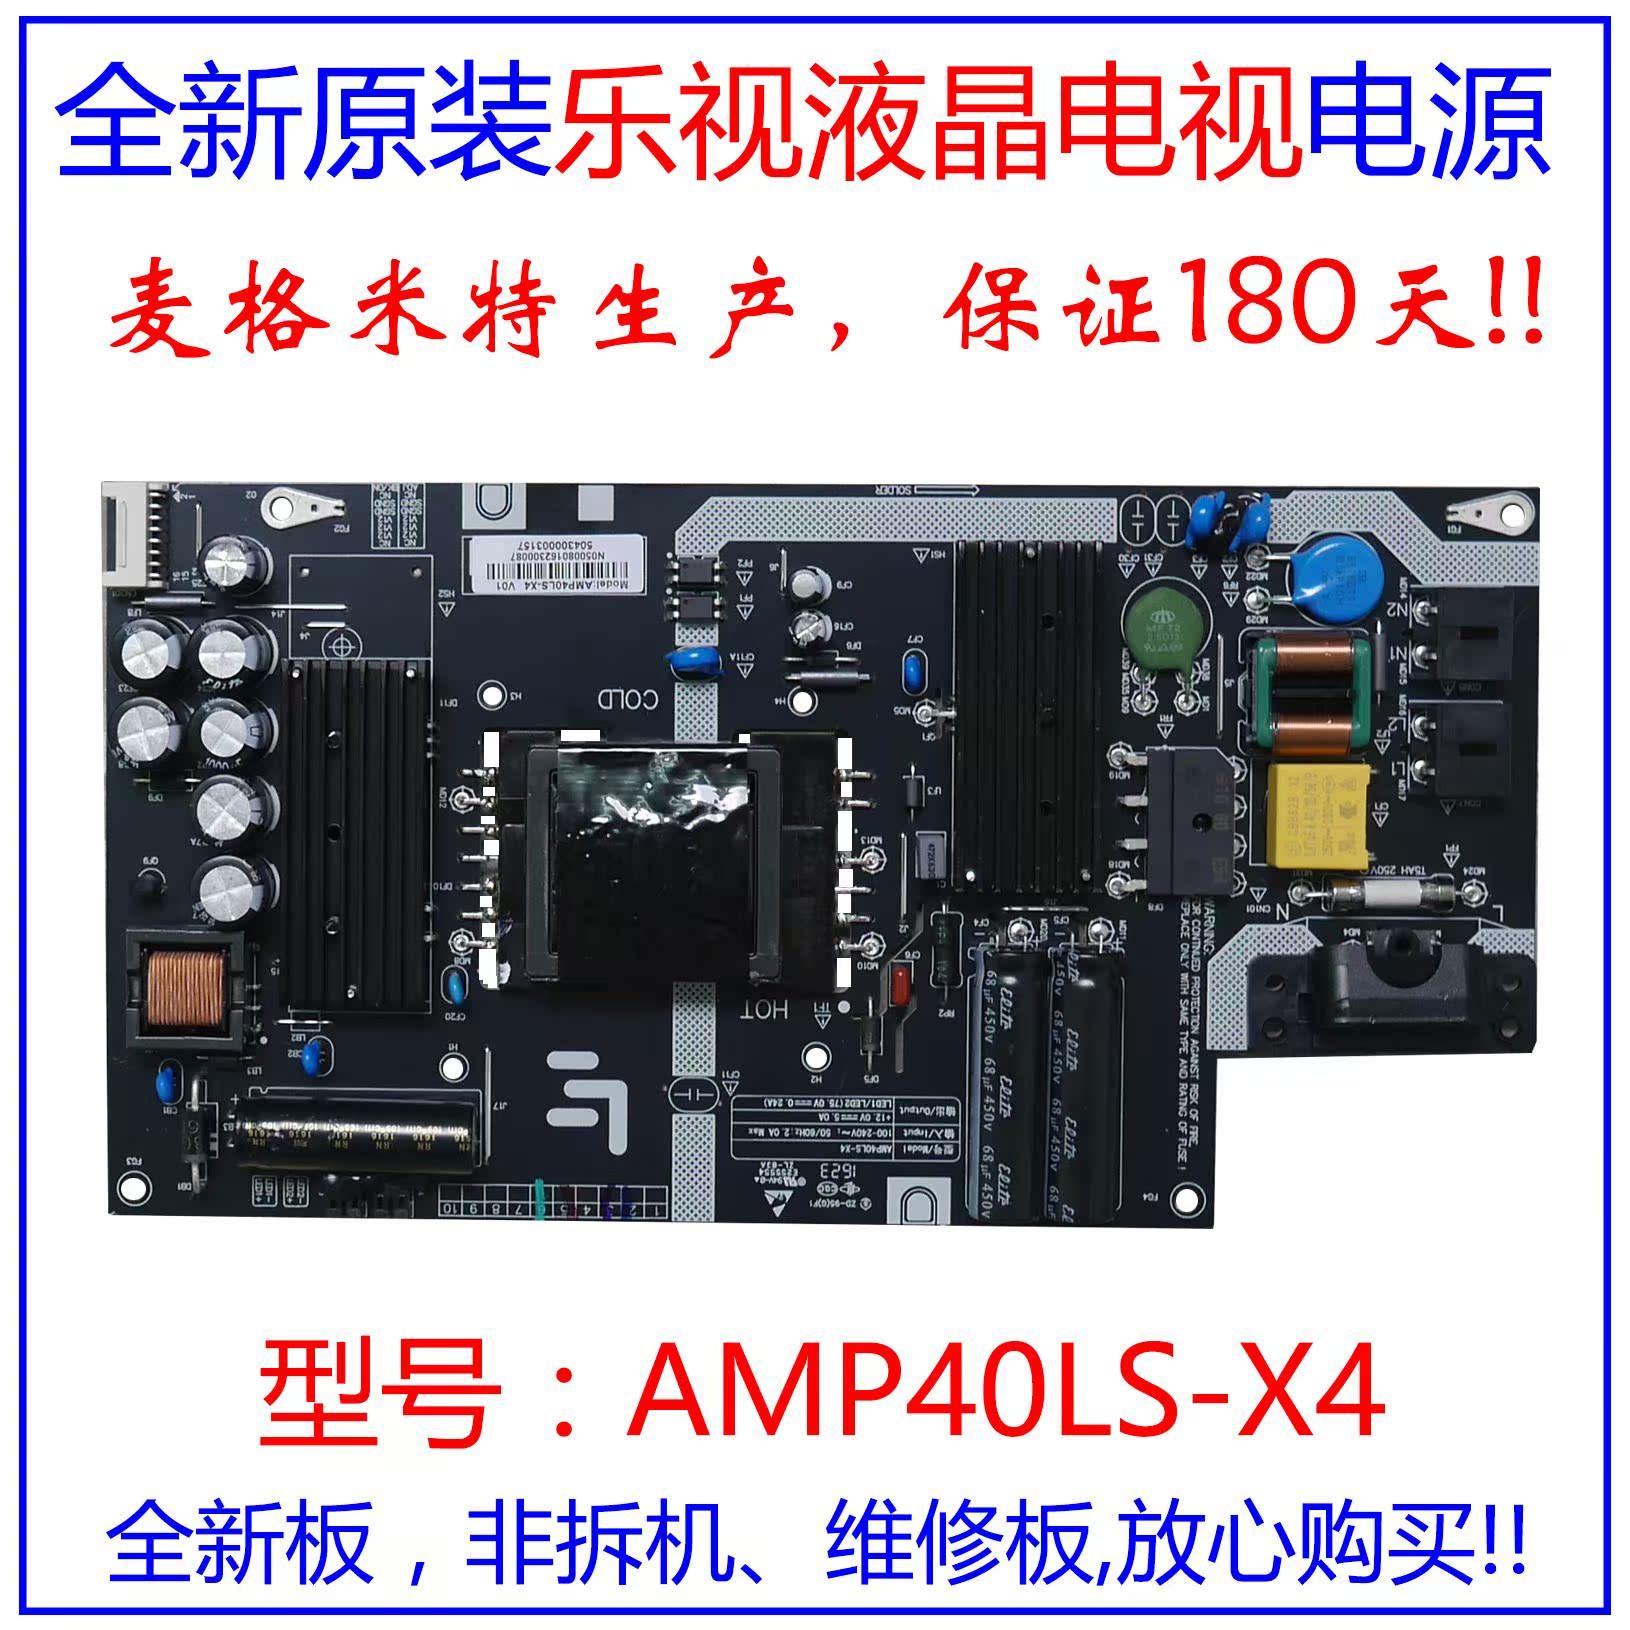 通用原装全新L434FCNN 40寸AMP40LS-X4电源SHG4001B-215E 乐视板